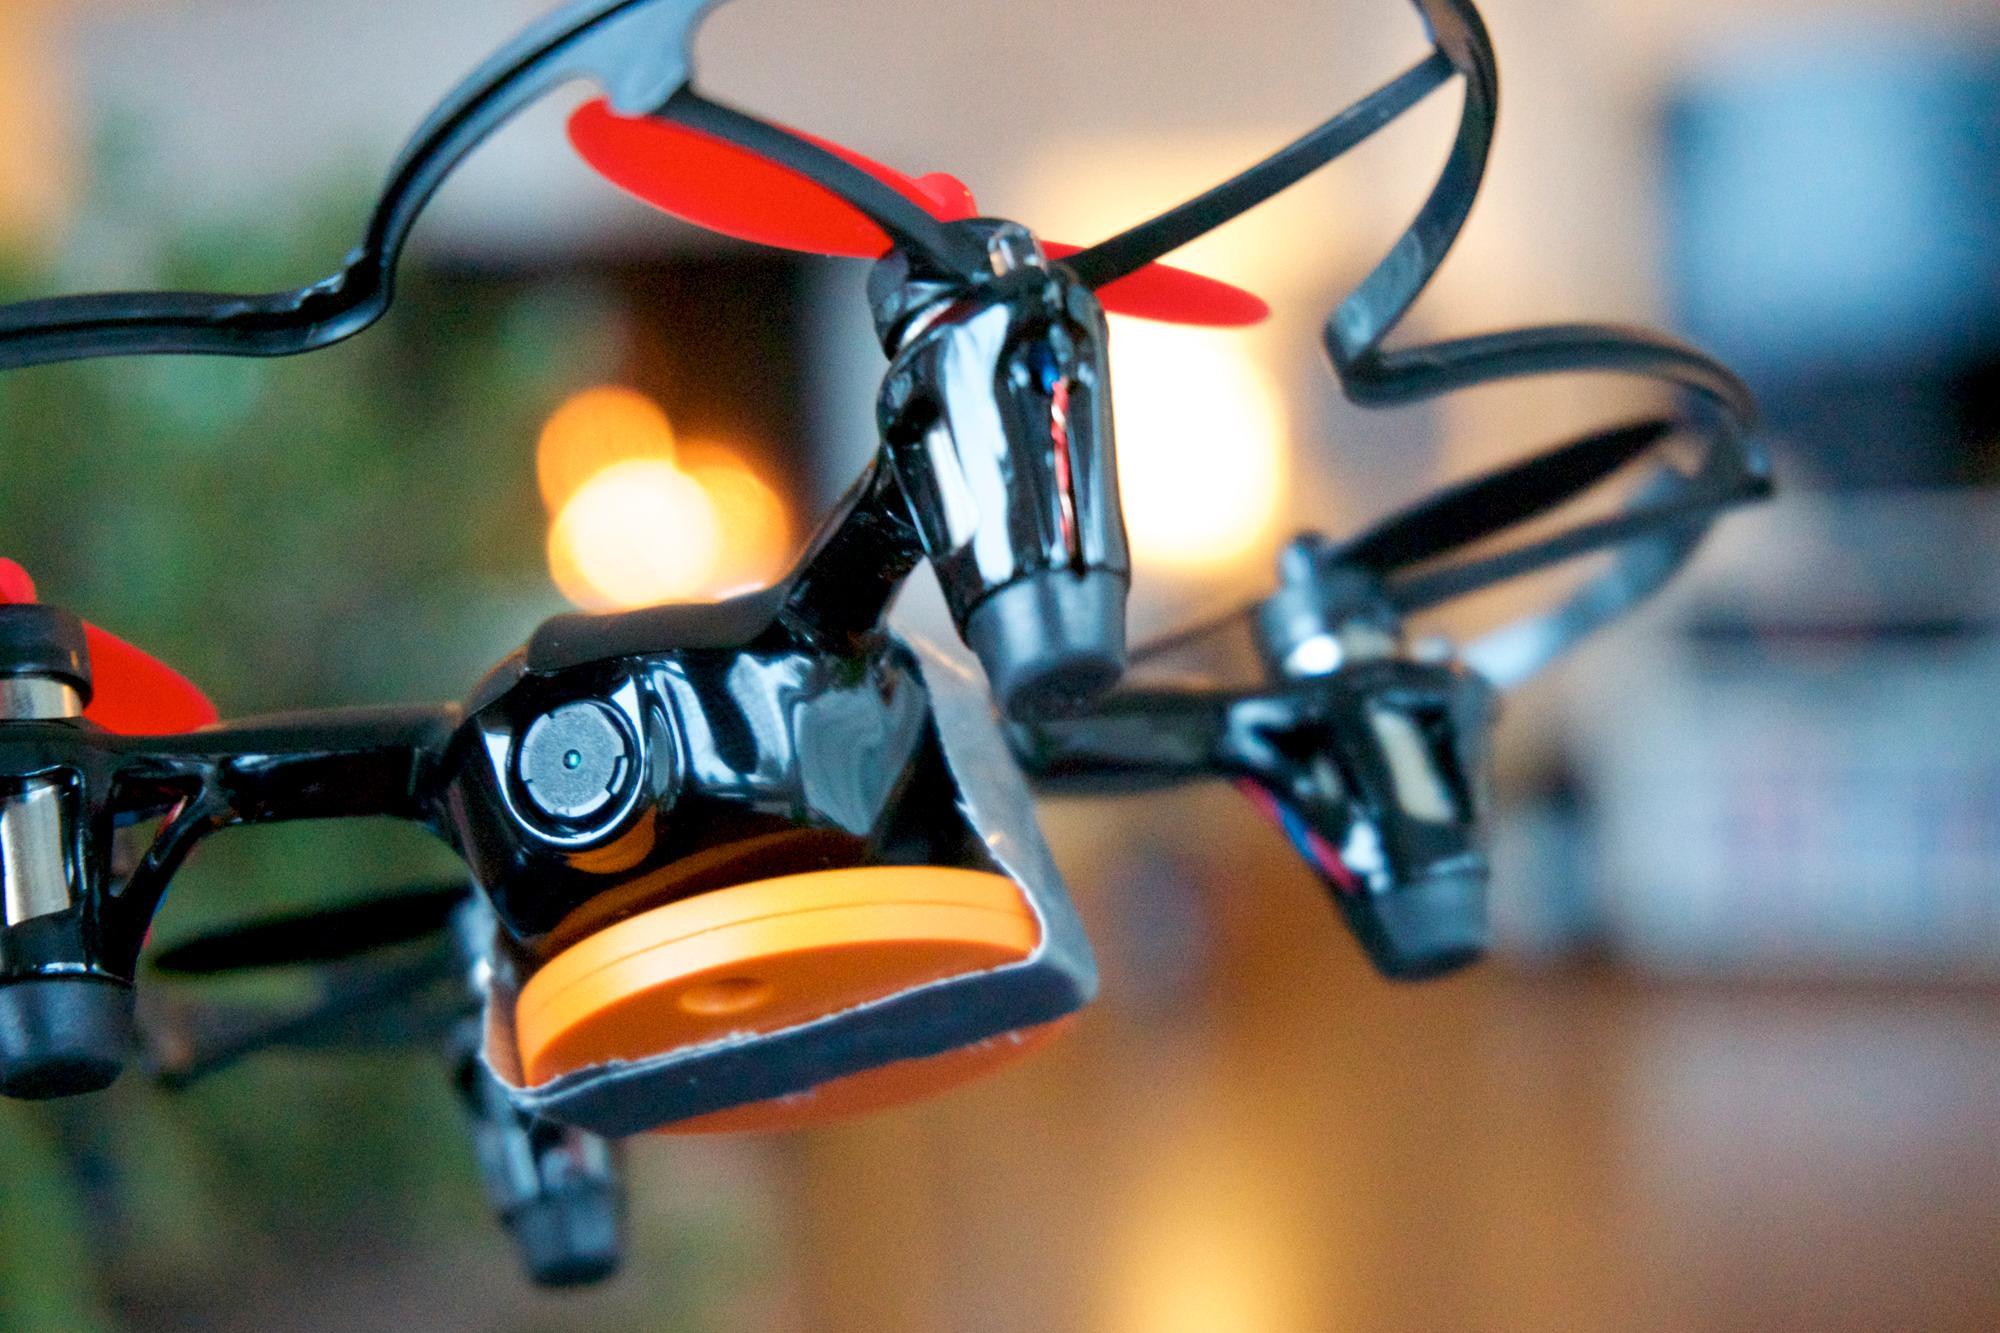 Utover de mange nokså åpenbare bruksområdene til en sporingsbrikke, fant undertegnede ut at de kunne egne seg også til andre formål. Små droner, slik som Hubsan X4, blir lett borte i busk og kratt, og en sporingsbrikke kan hjelpe deg med å finne den igjen. Alt som kreves er litt gaffateip og litt kreativitet.